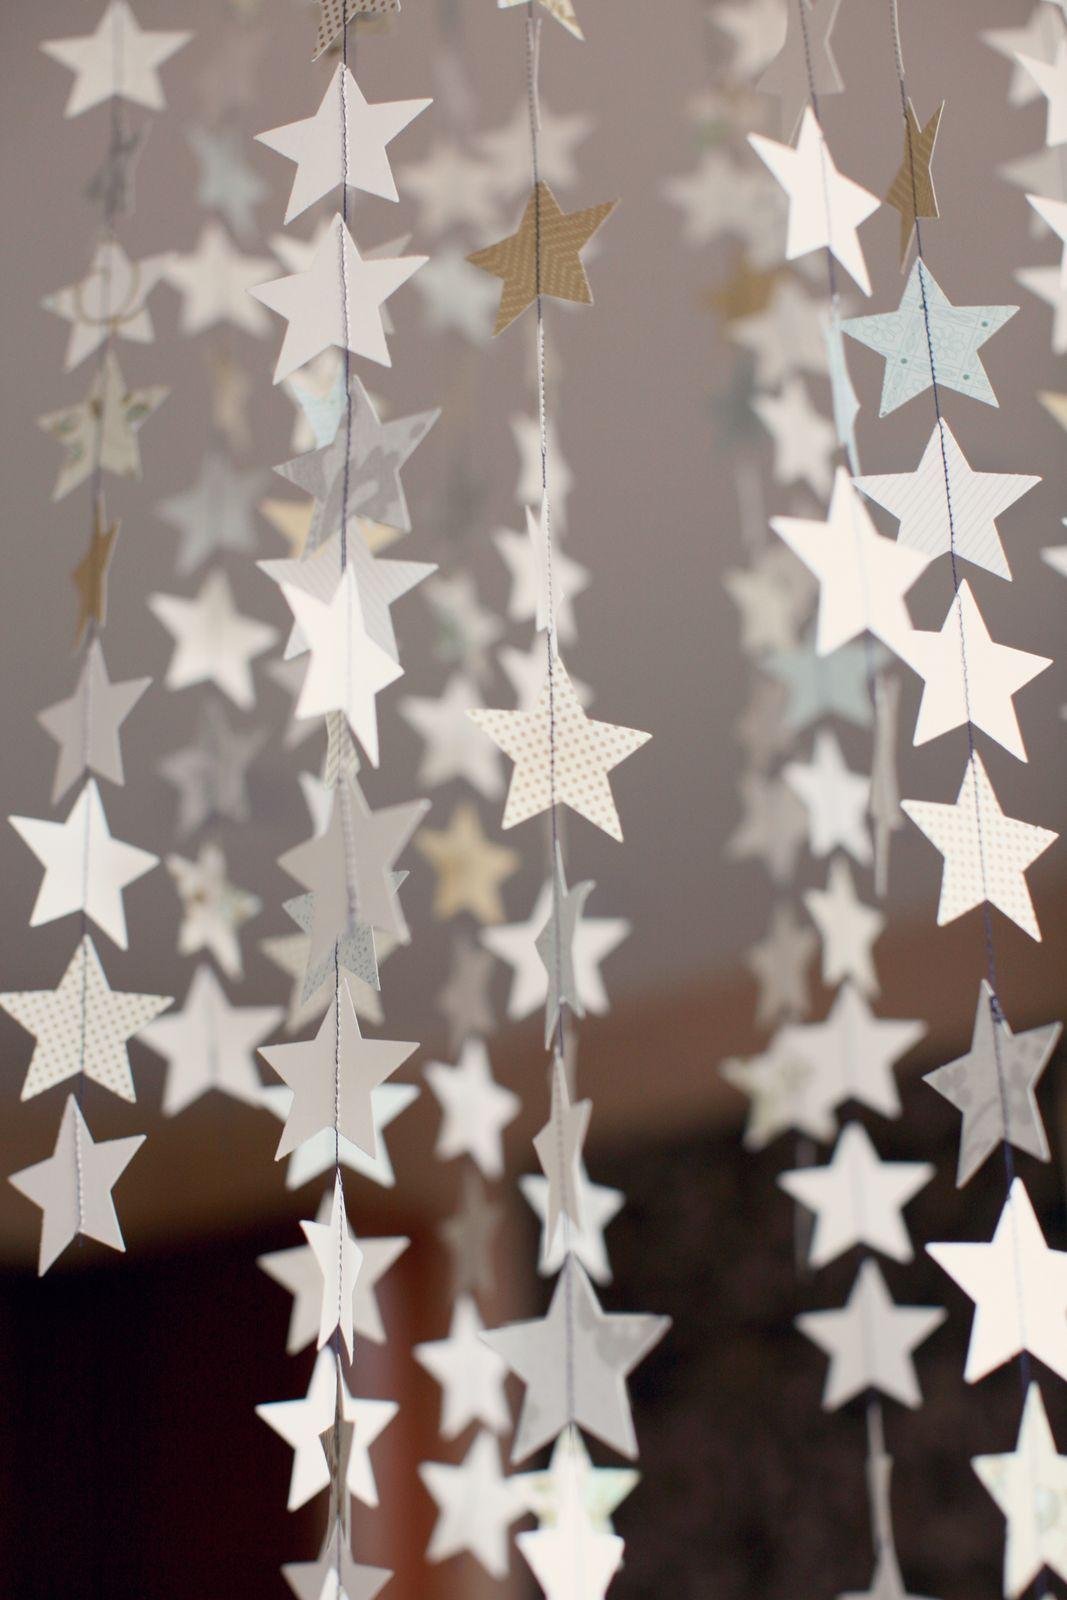 Гирлянда из звёздочек своими руками 63